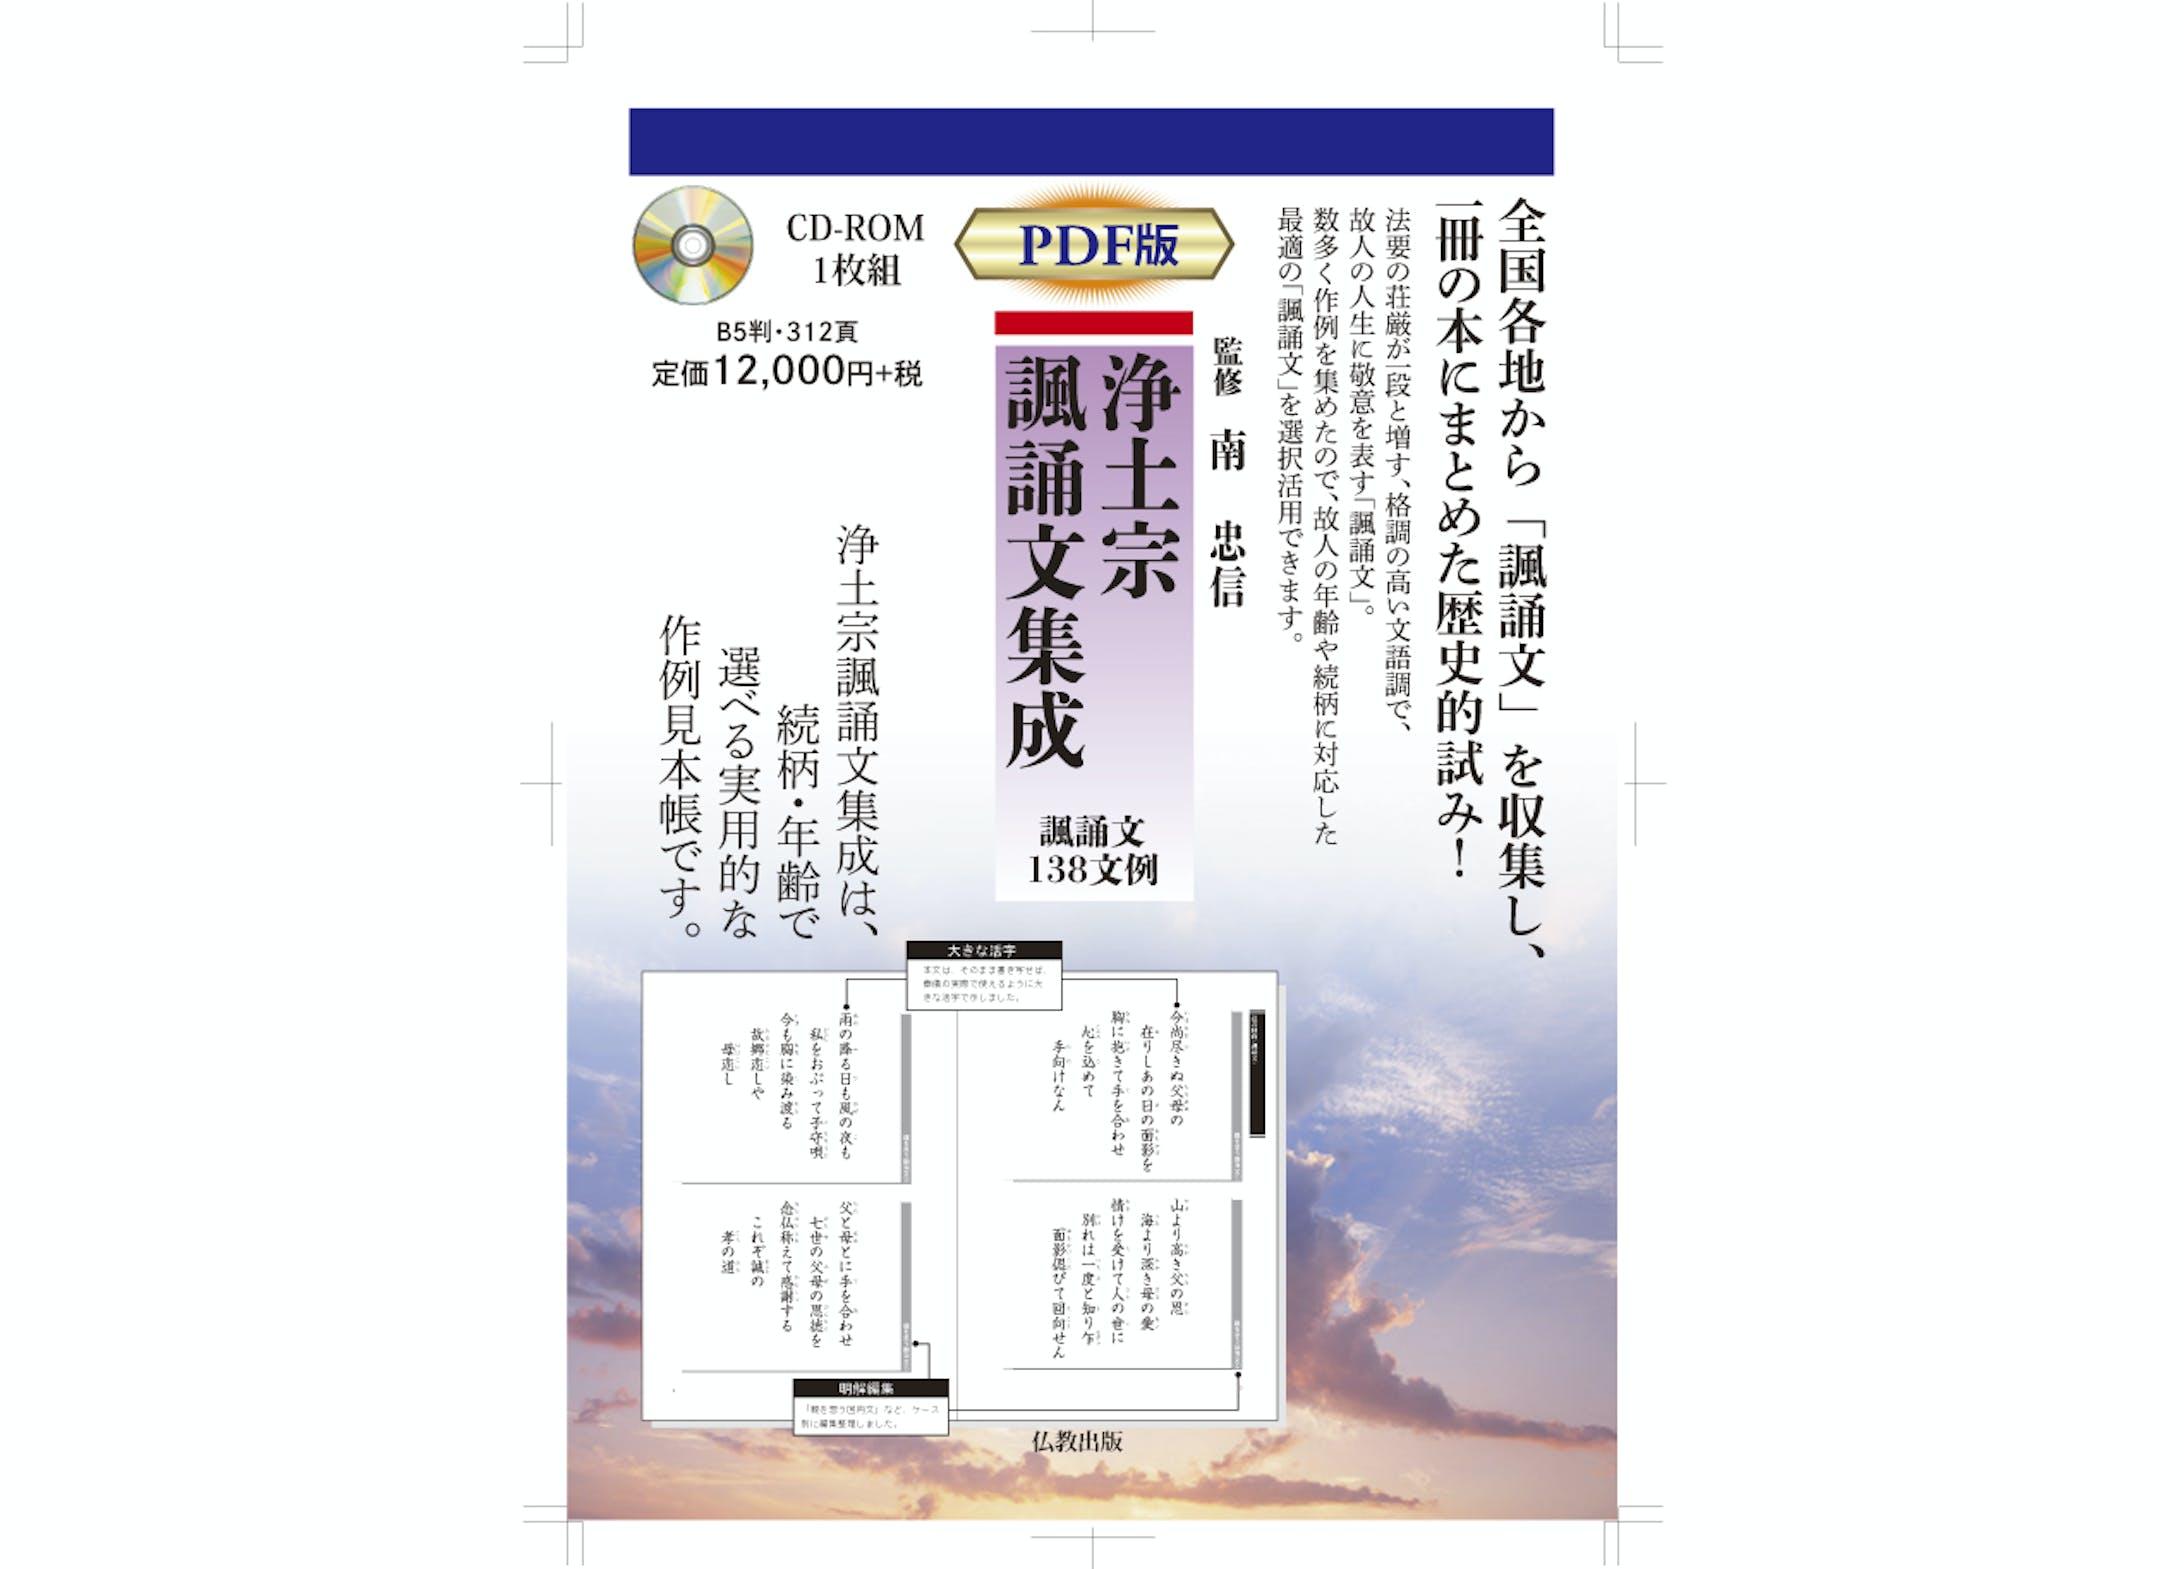 浄土宗諷誦文集成リーフレット-1